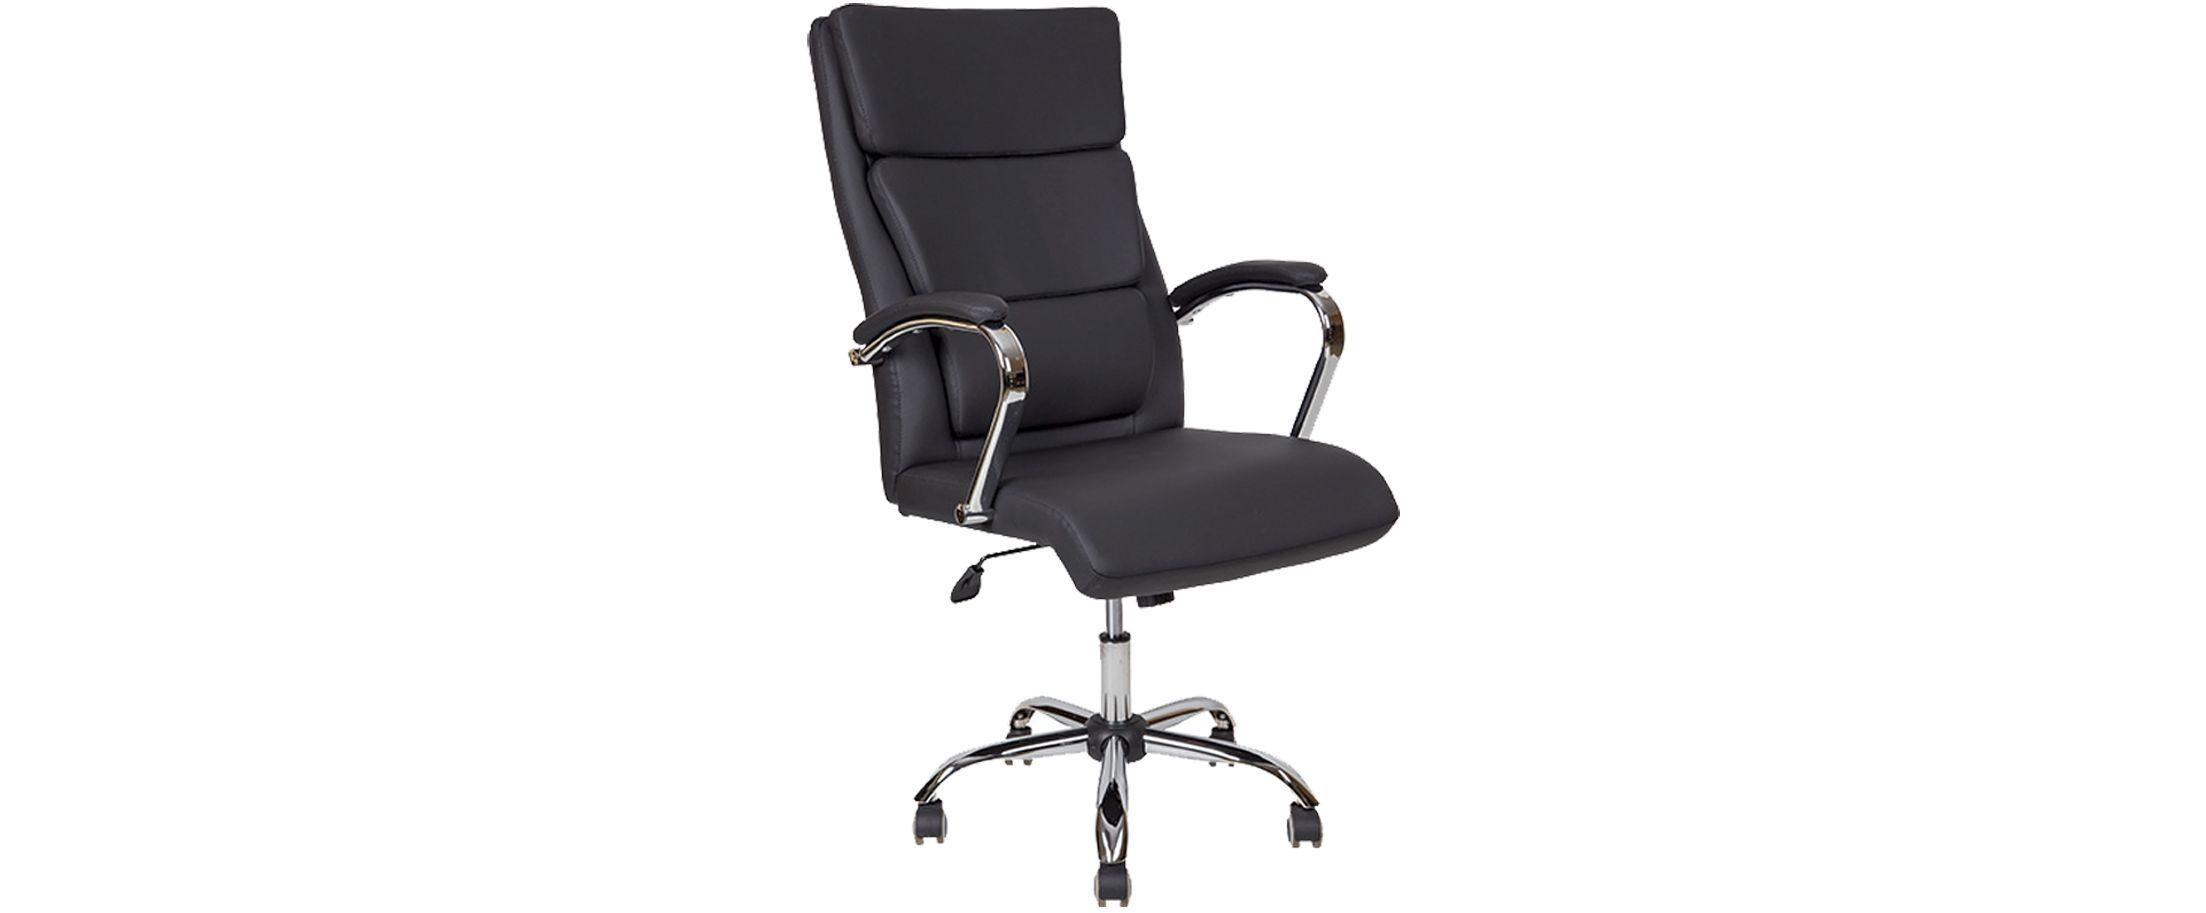 Кресло офисное AV 135 из экокожи цвет черный Модель 999Кресло офисное AV 135 из экокожи цвет черный Модель 999. Артикул Д000728<br>